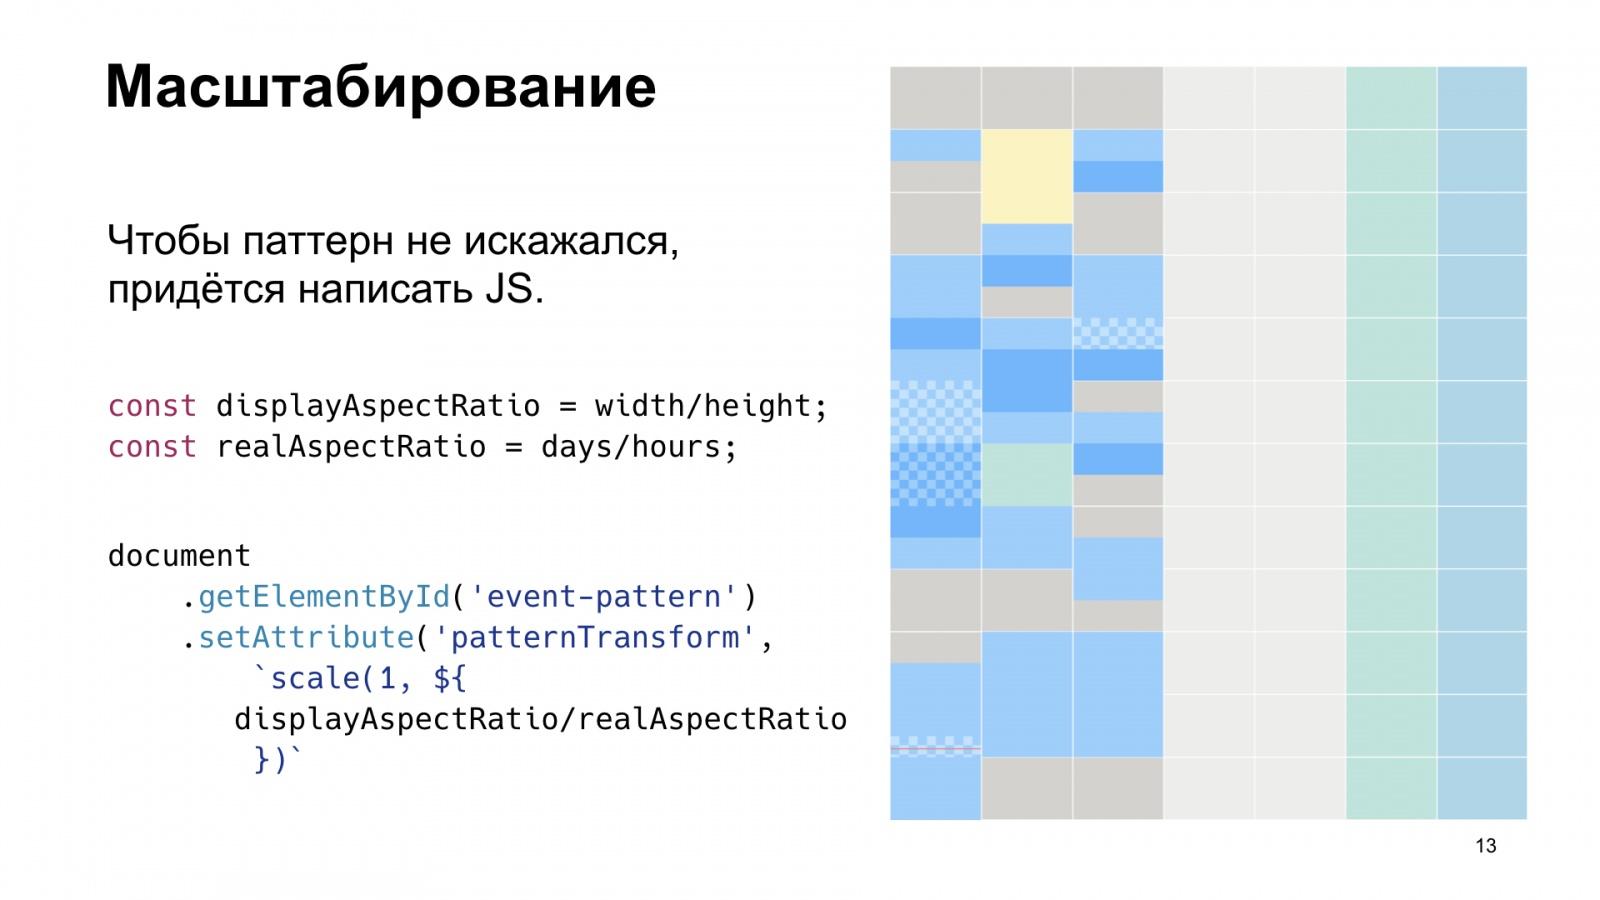 SVG в реальной жизни. Доклад Яндекса - 14